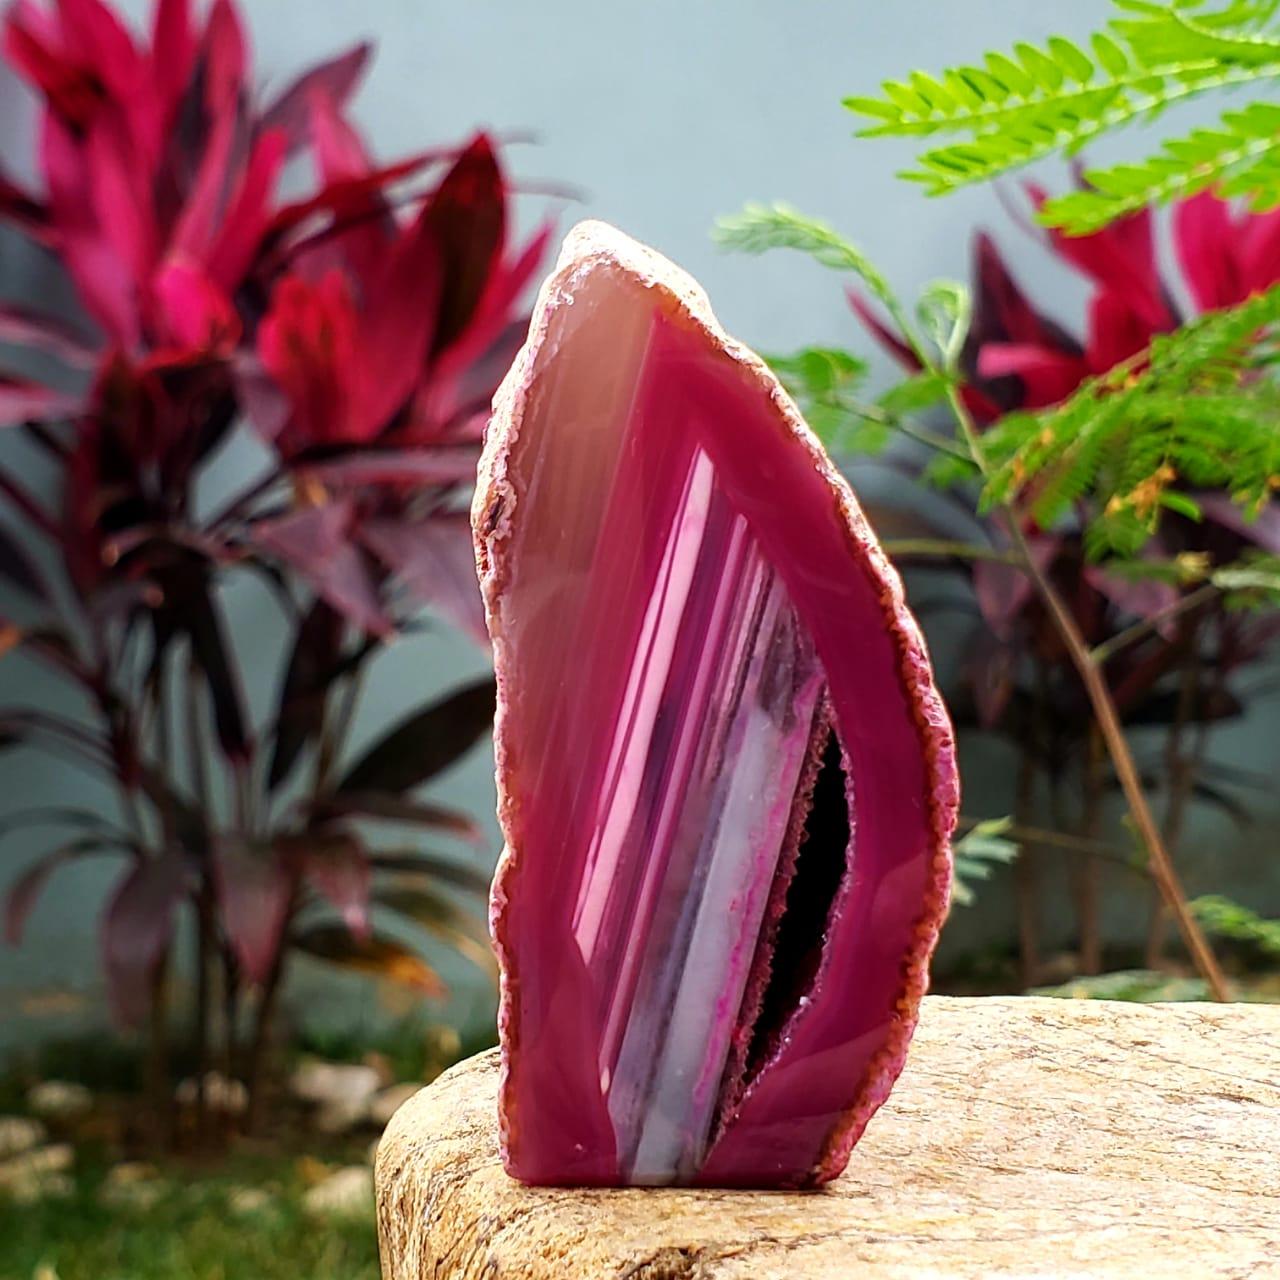 Geodo de Ágata Rosa com Cristalização de Quartzo